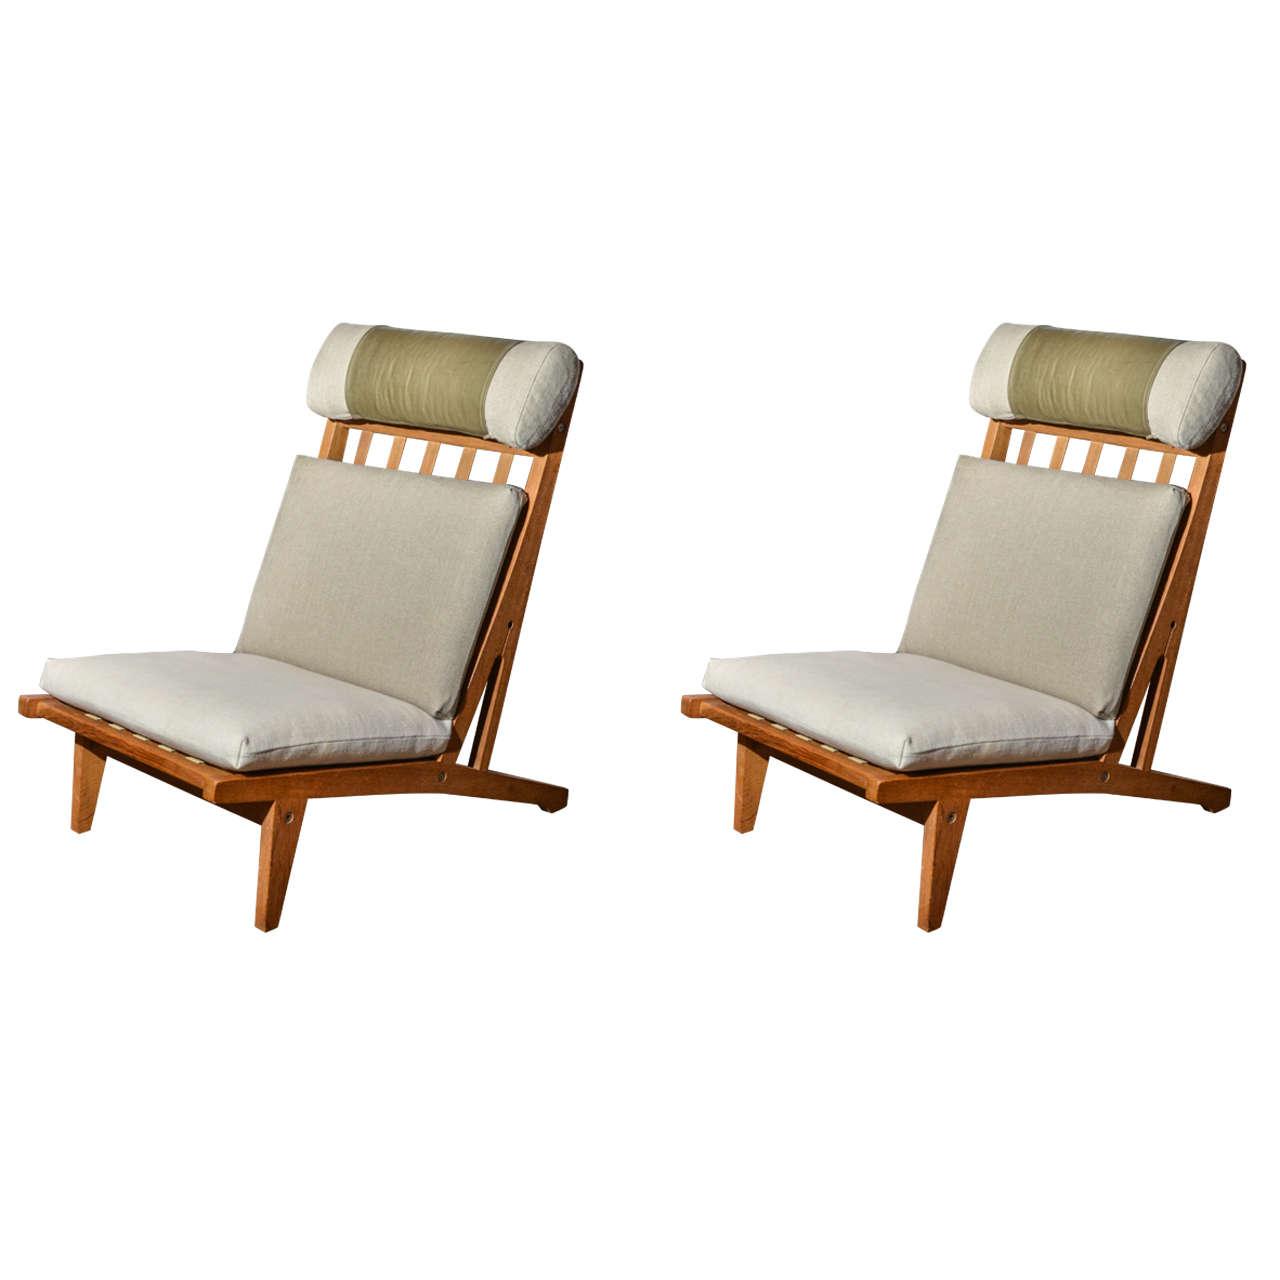 Modern savonarola chair - Mid Century Danish Deck Chair By Hans Wegner 1